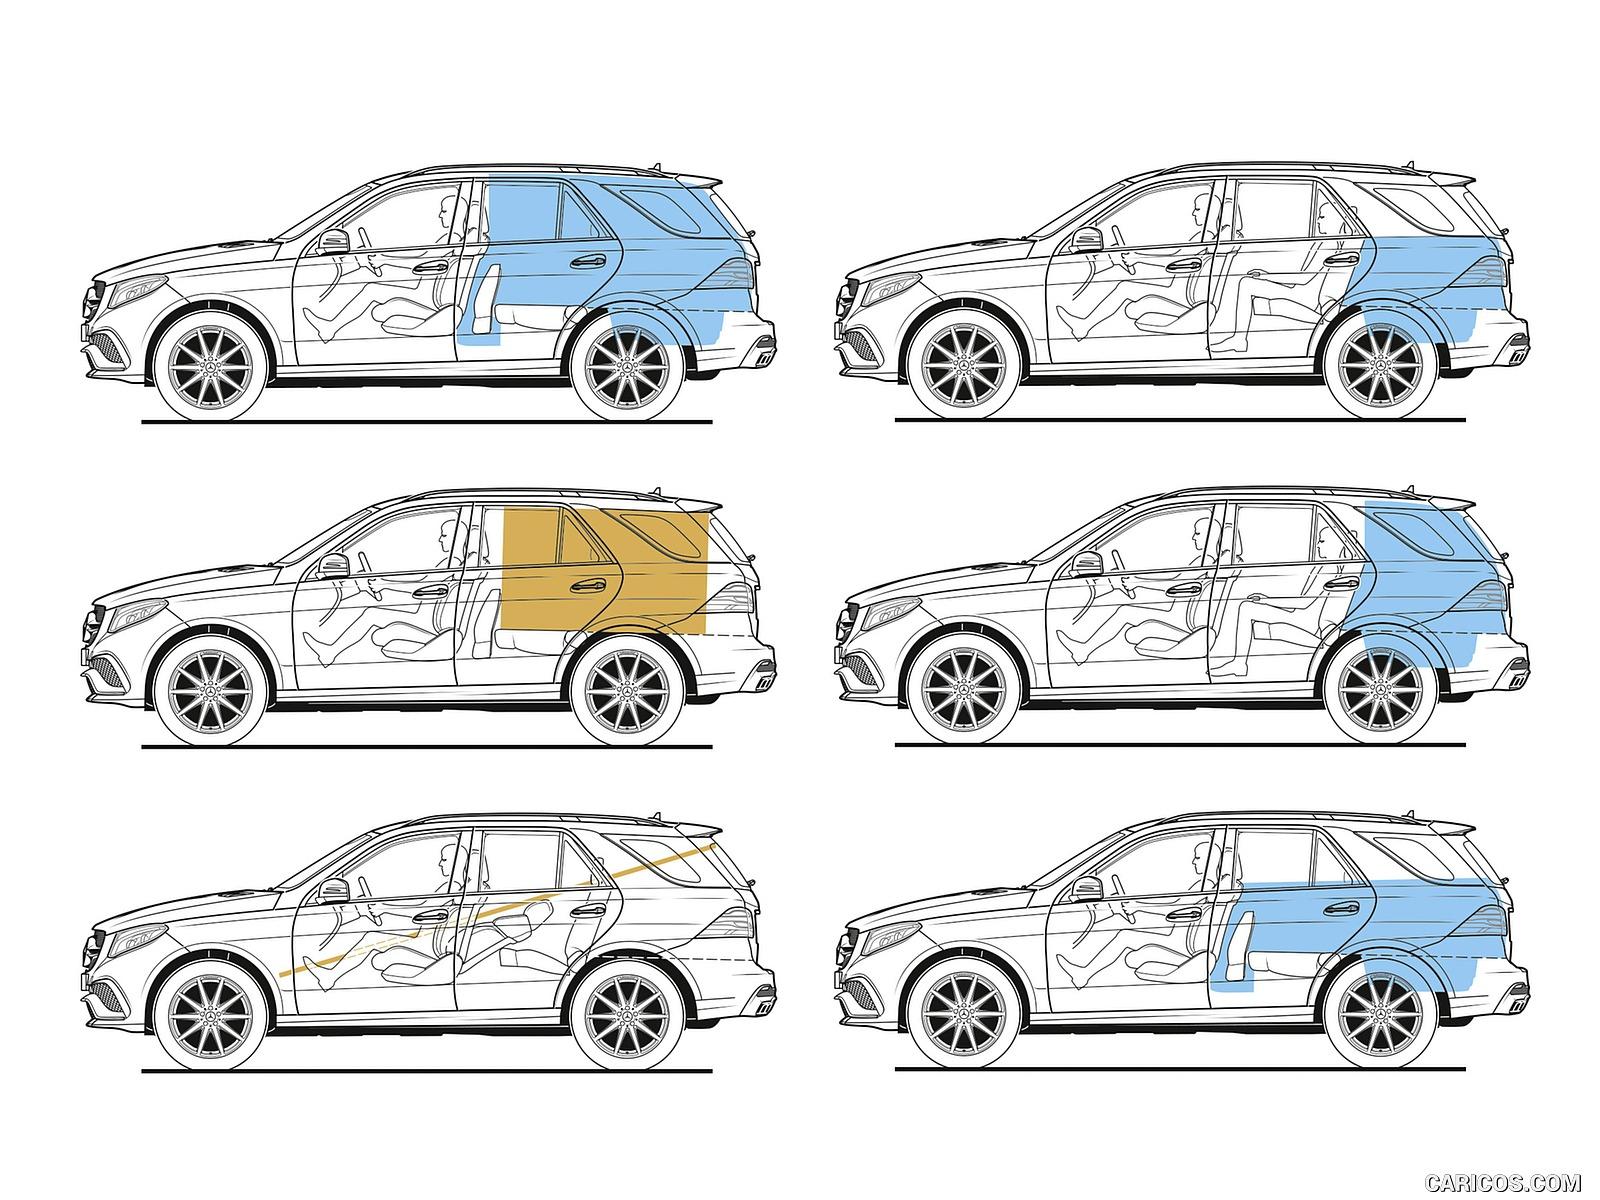 Cargo Space Clipart Clipground White Ford Van Clip Art 2016 Mercedes Amg Gle 63 S Designo Diamond Bright Wallpaper 1600 X 1200